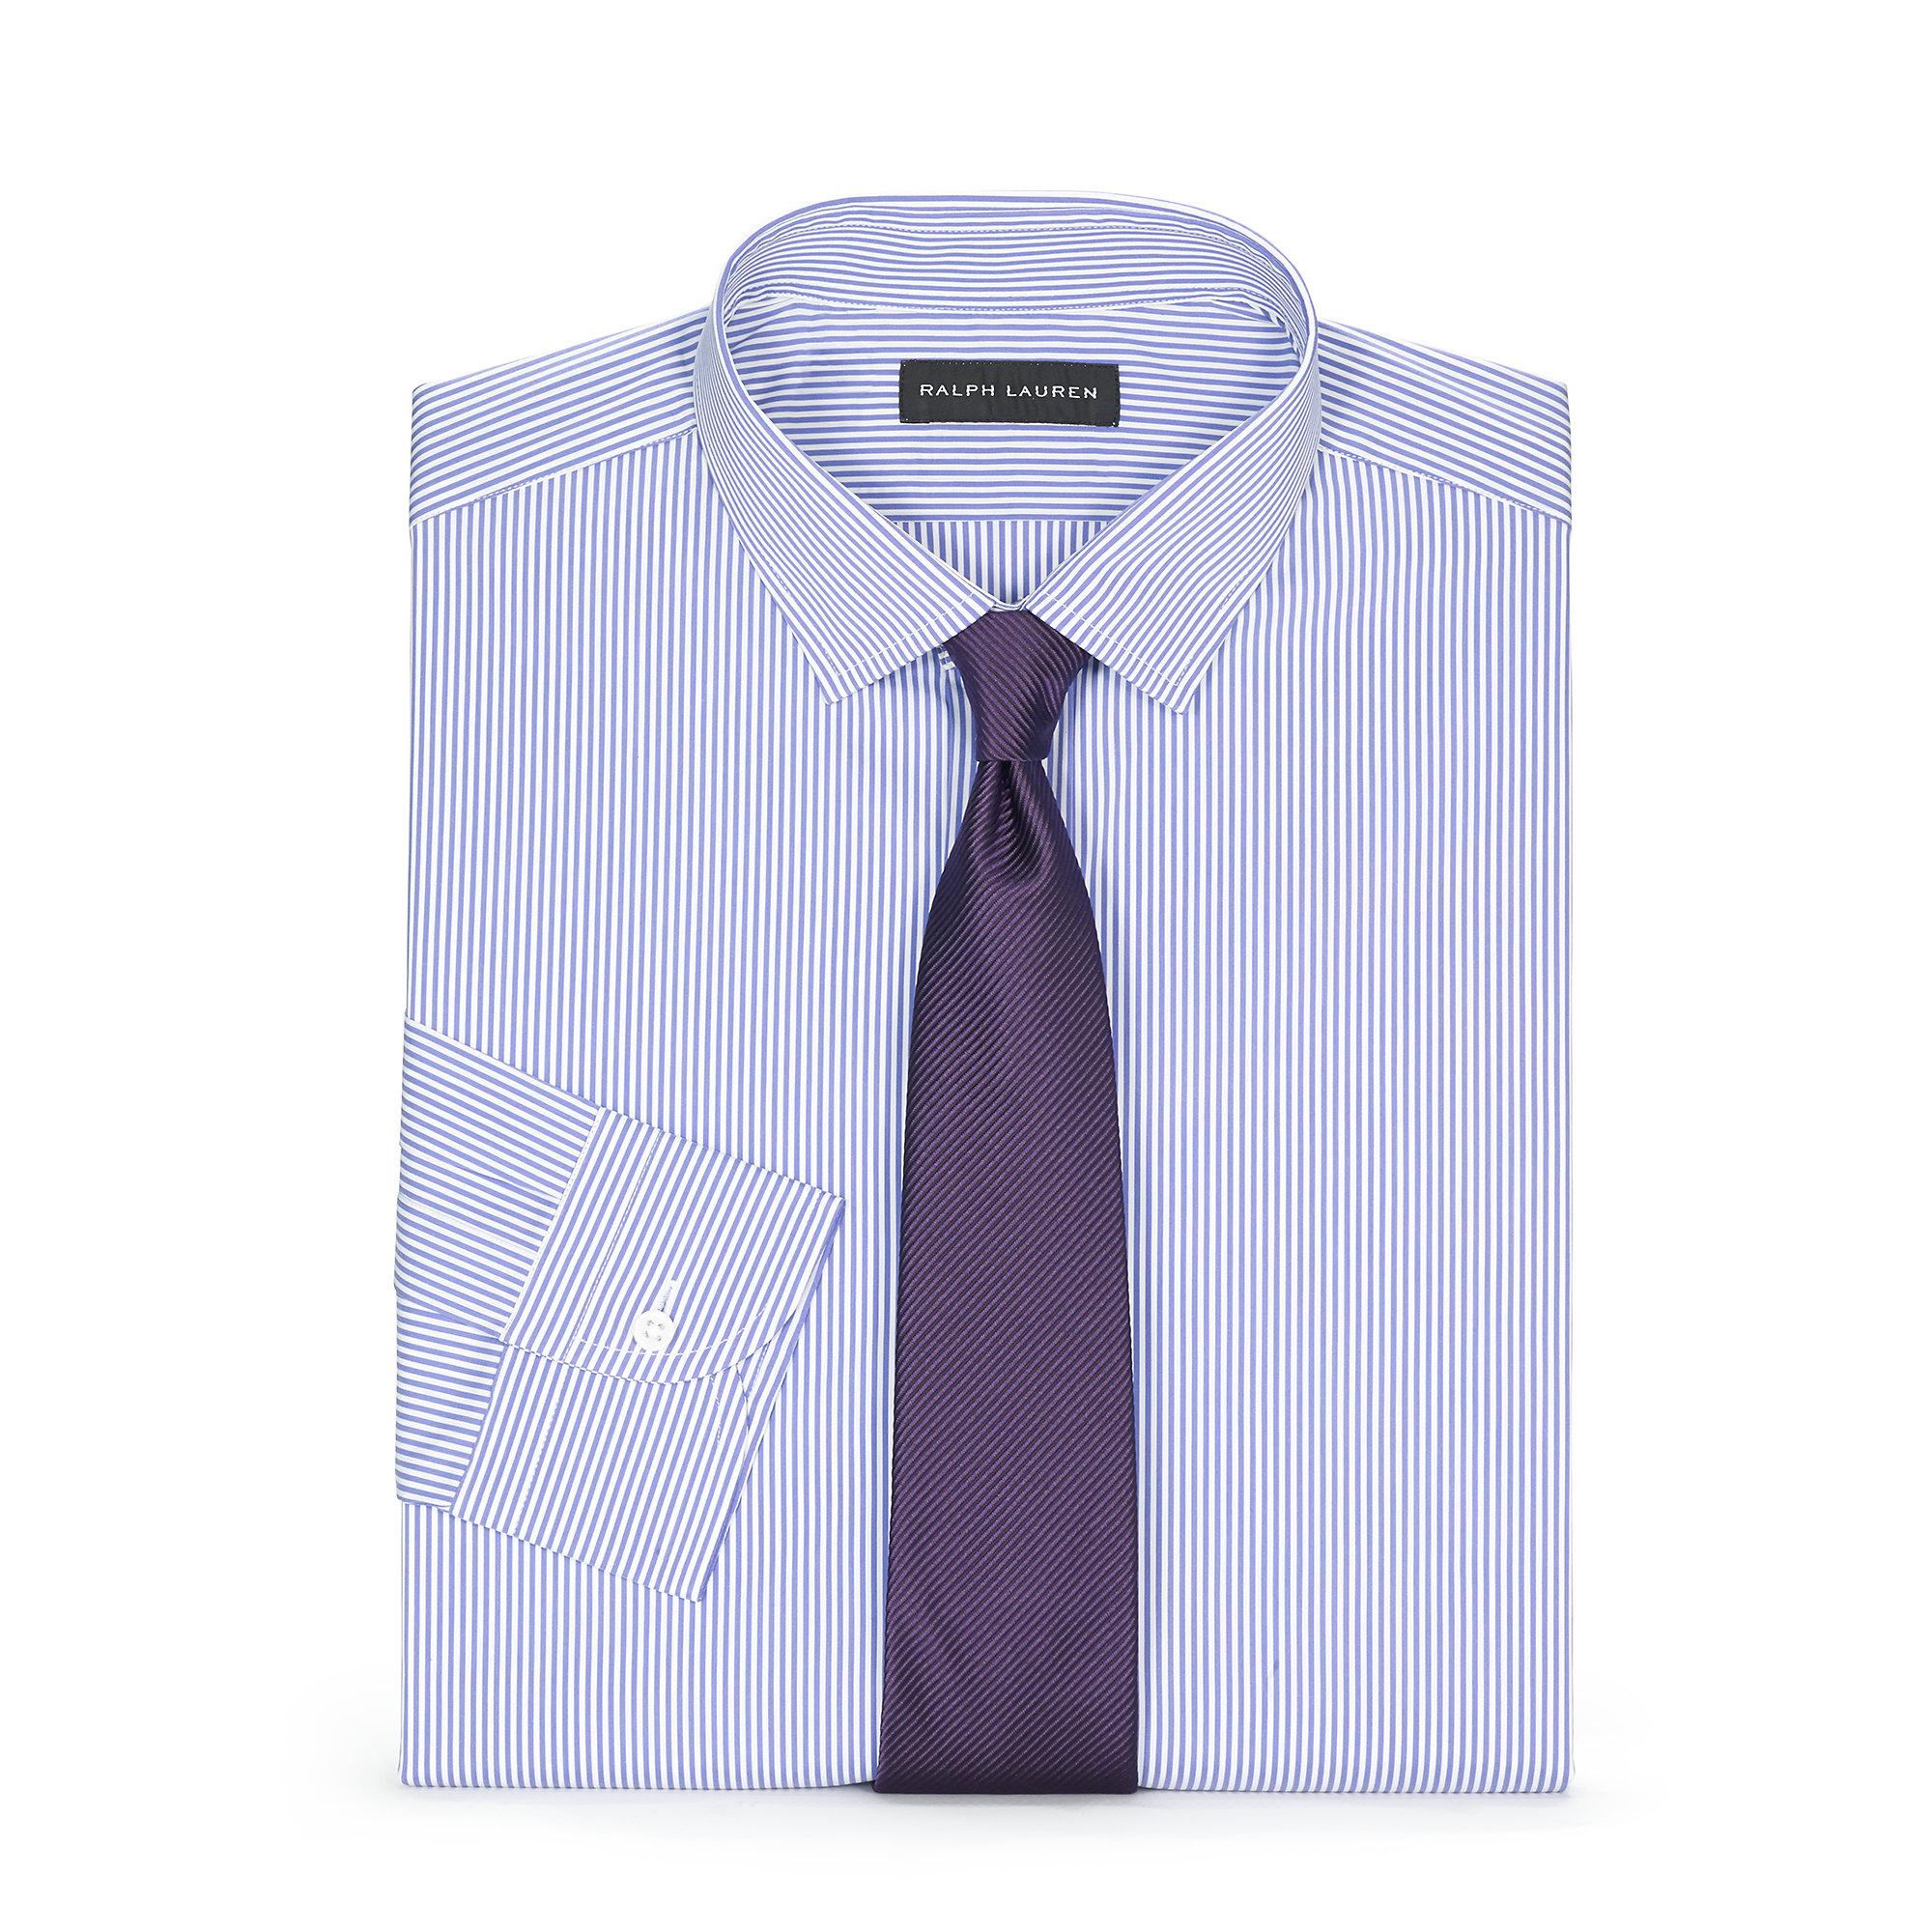 Ralph lauren tailored fit sloan dress shirt in purple for for Tailored fit dress shirts